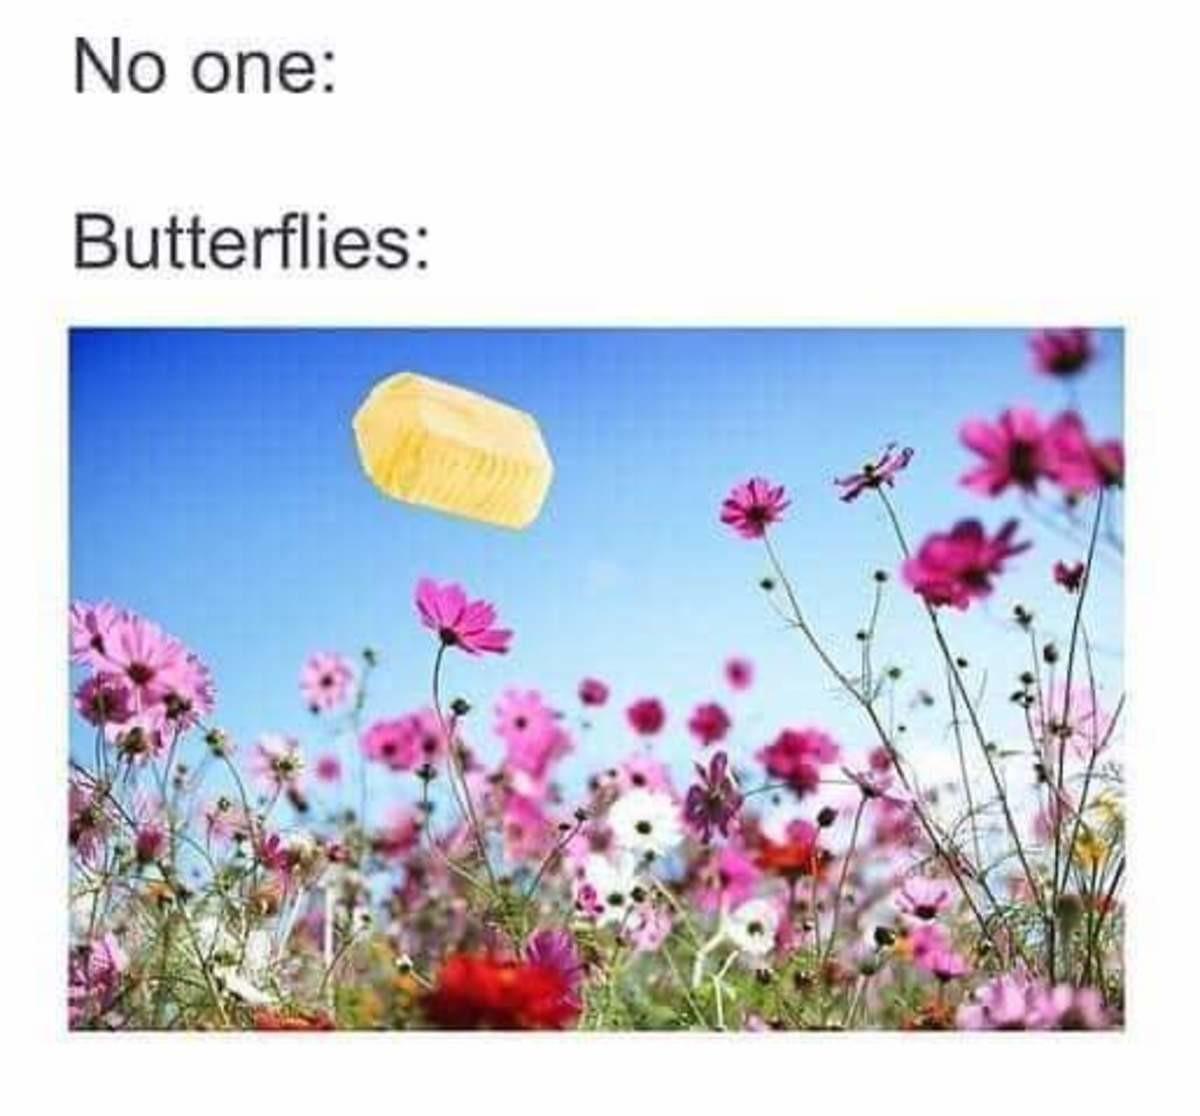 Butterflies. .